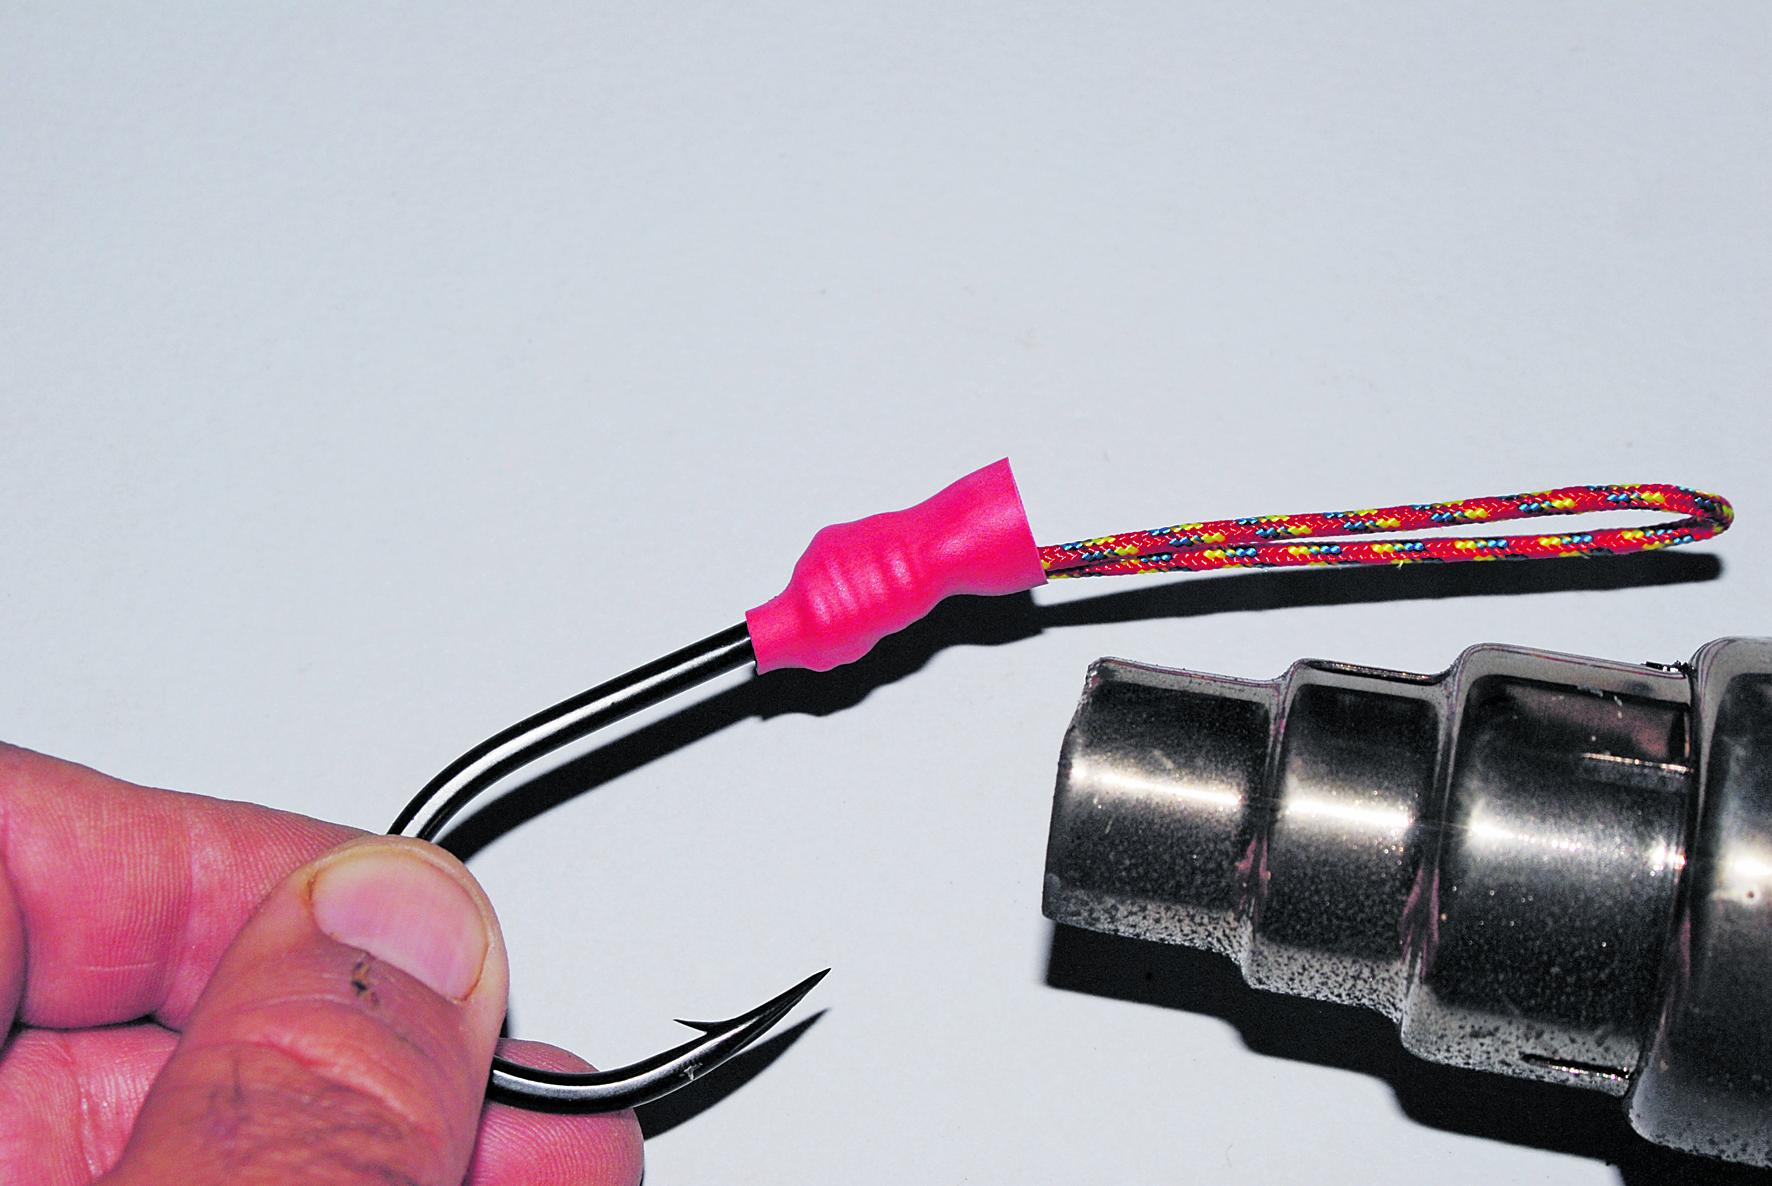 Tech Tricks: Popper head hook